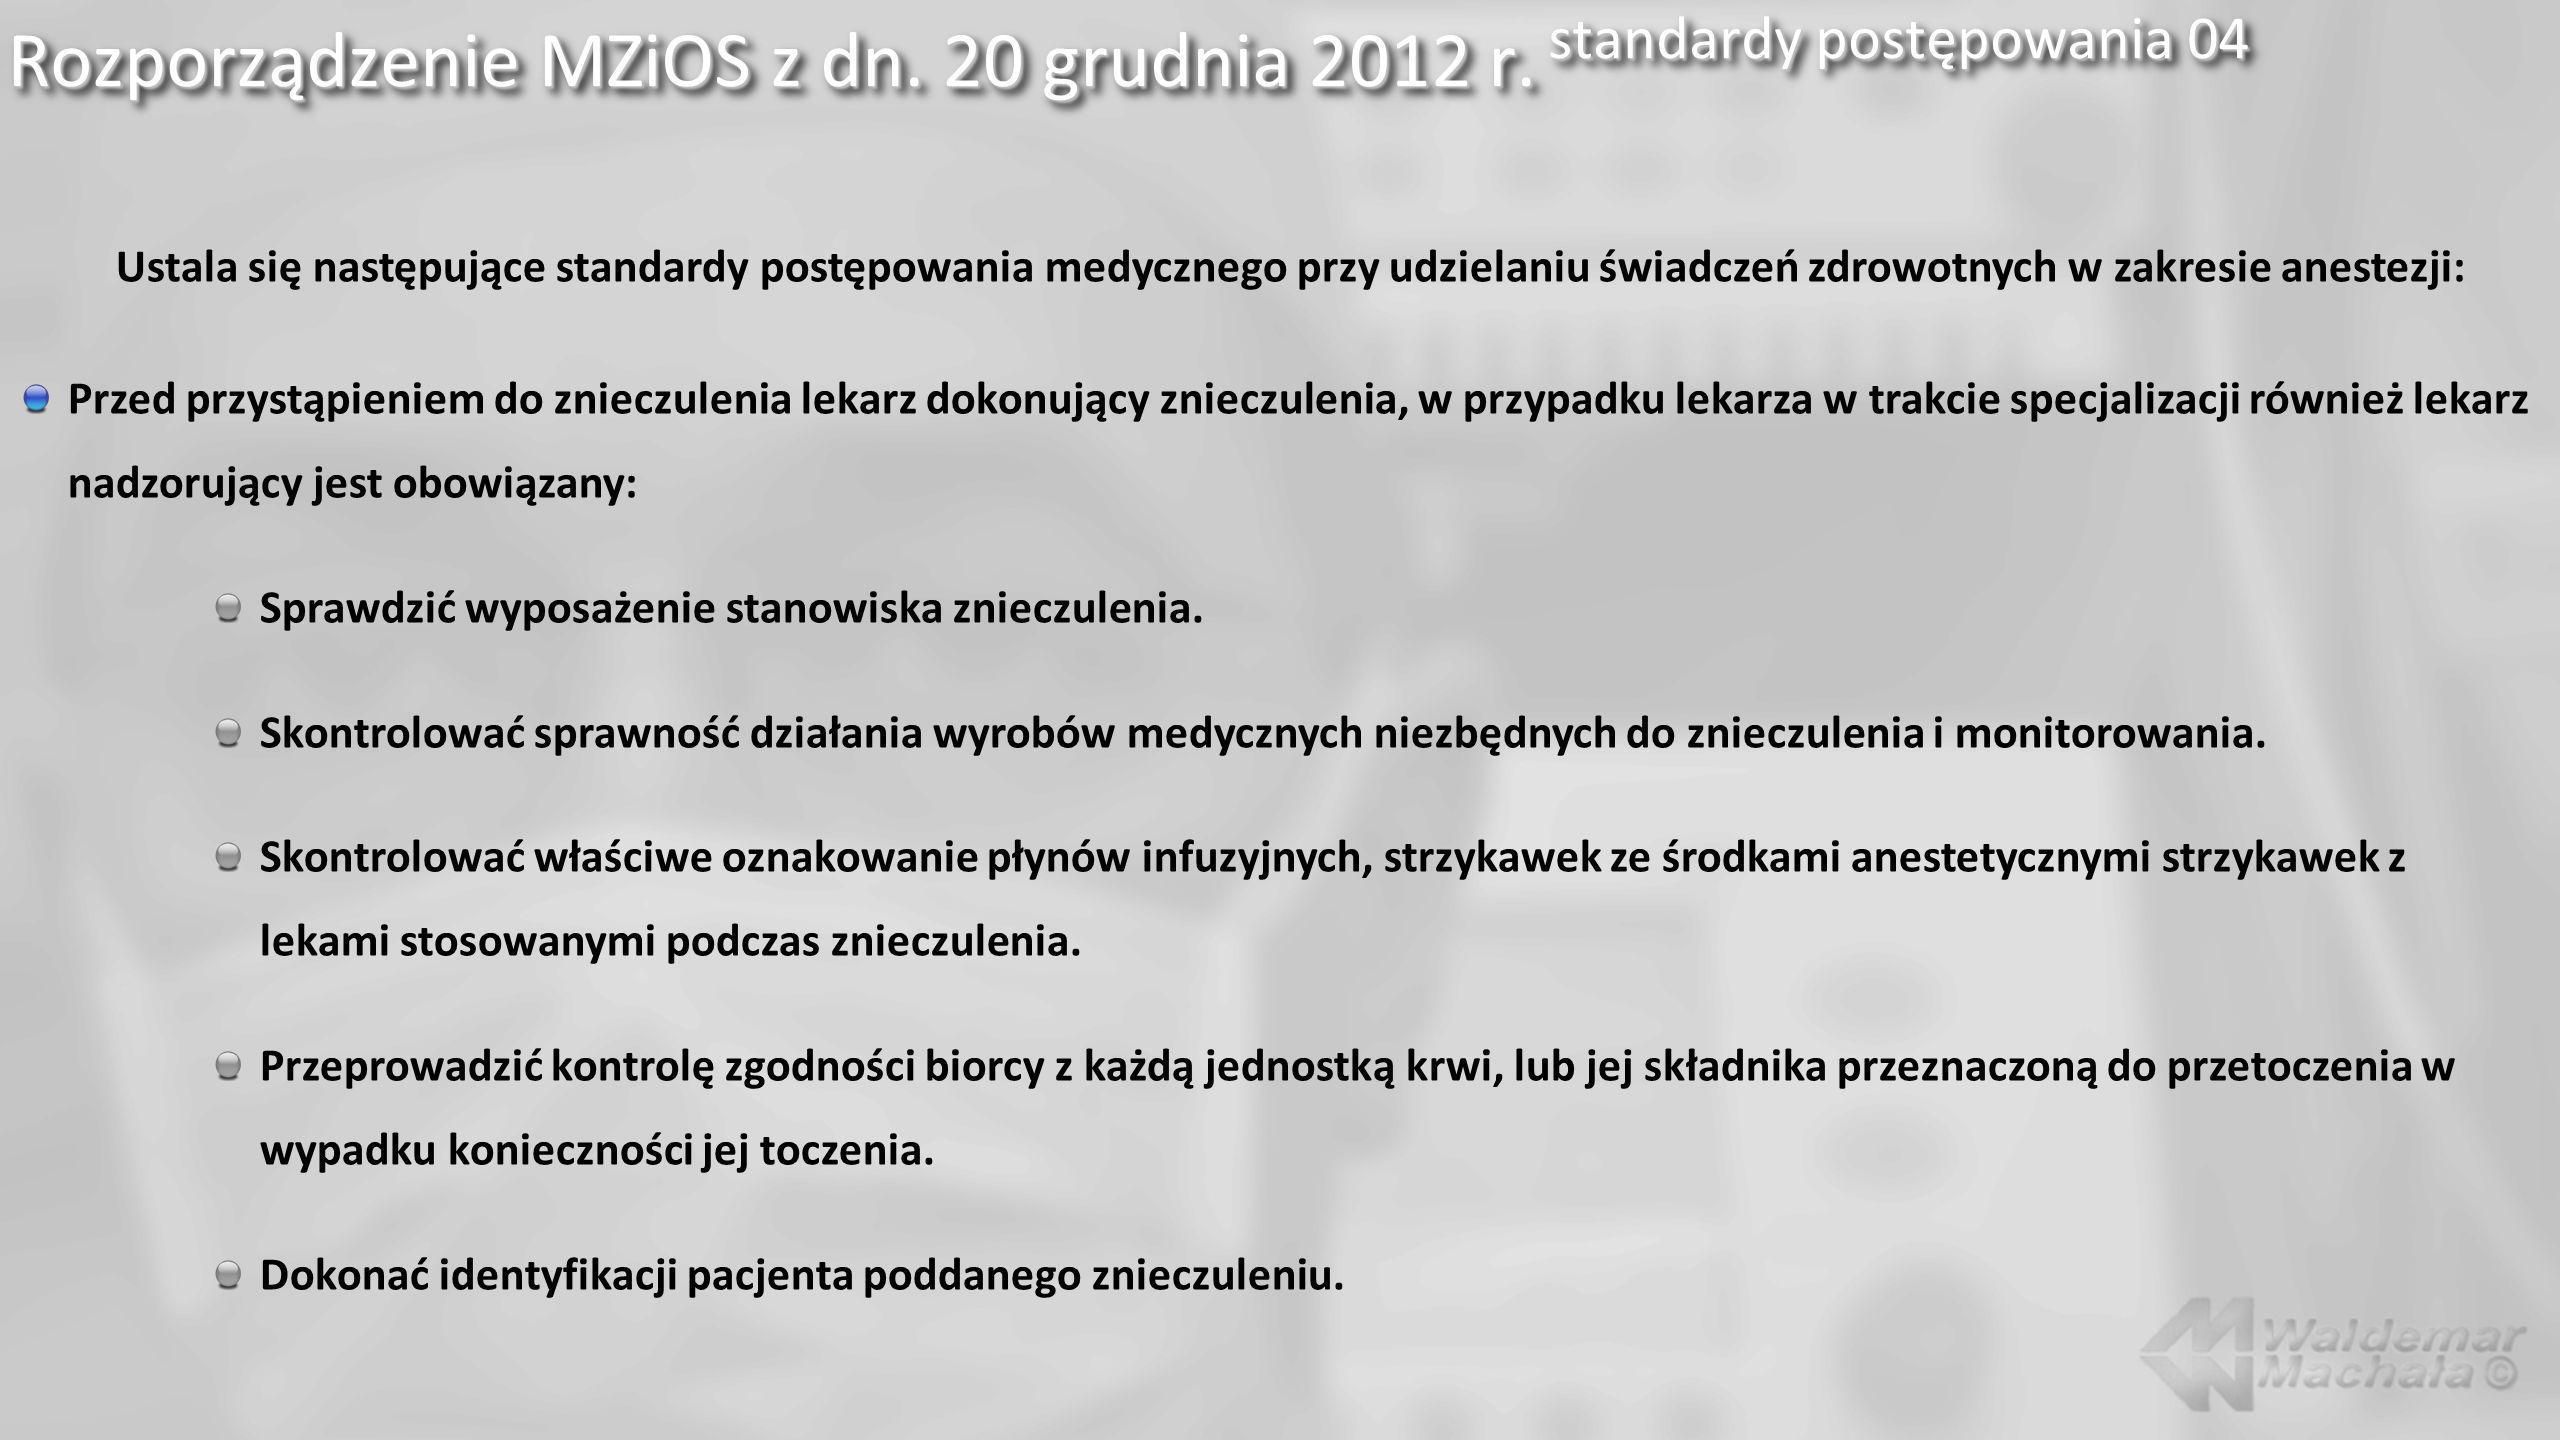 Rozporządzenie MZiOS z dn. 20 grudnia 2012 r. standardy postępowania 04 Ustala się następujące standardy postępowania medycznego przy udzielaniu świad